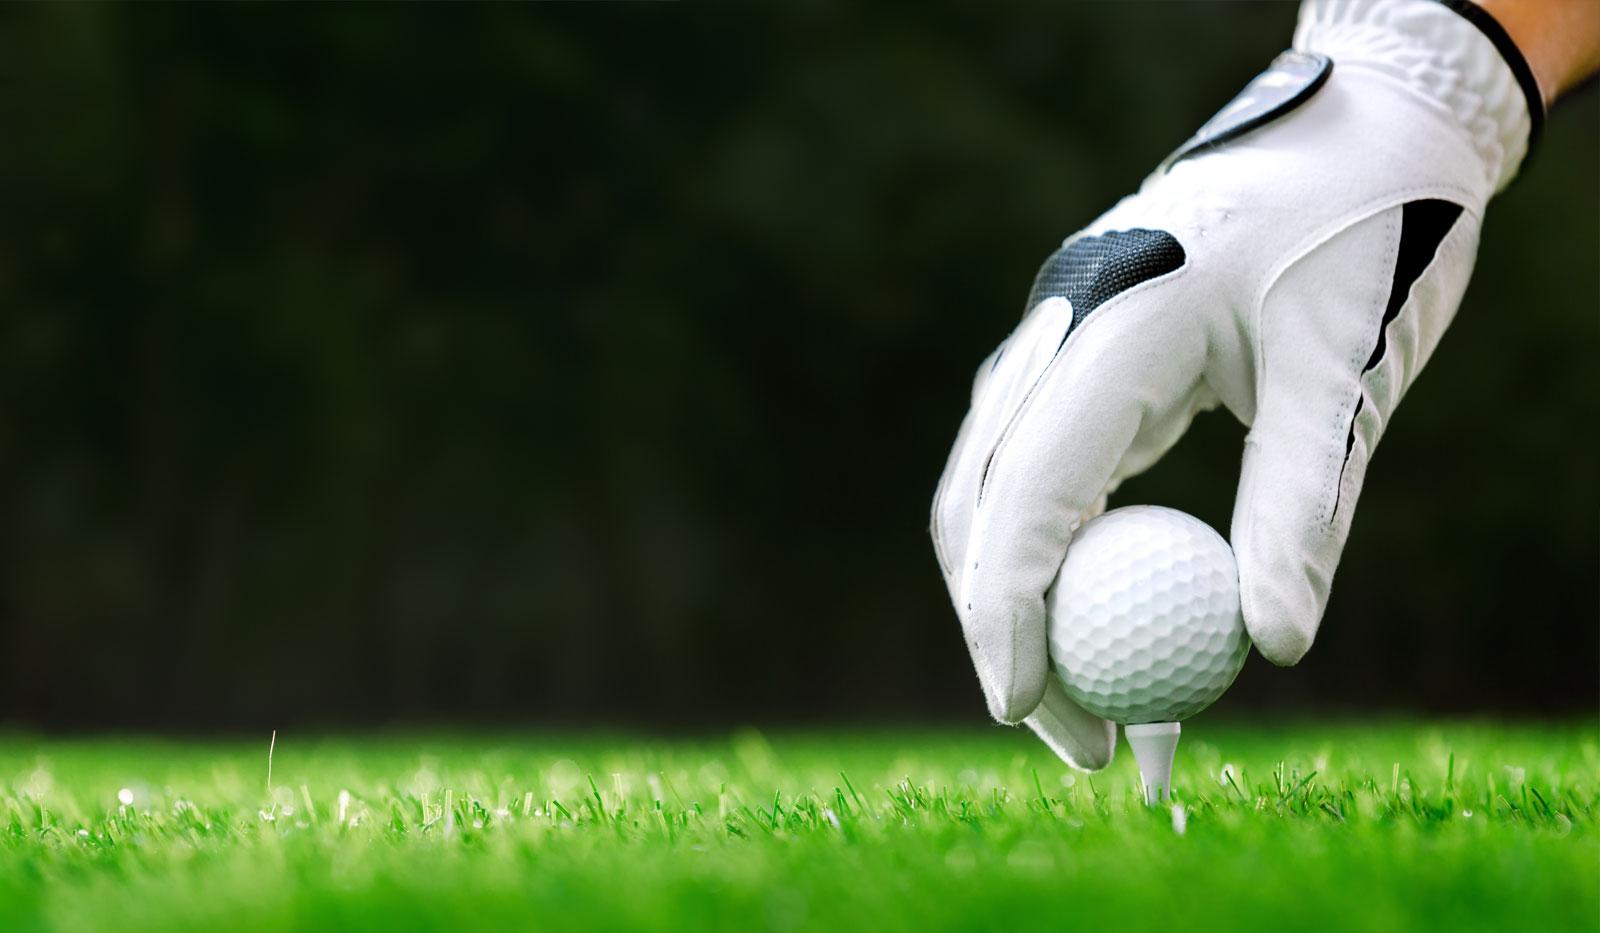 Golfball wir auf ein Tee gesetzt